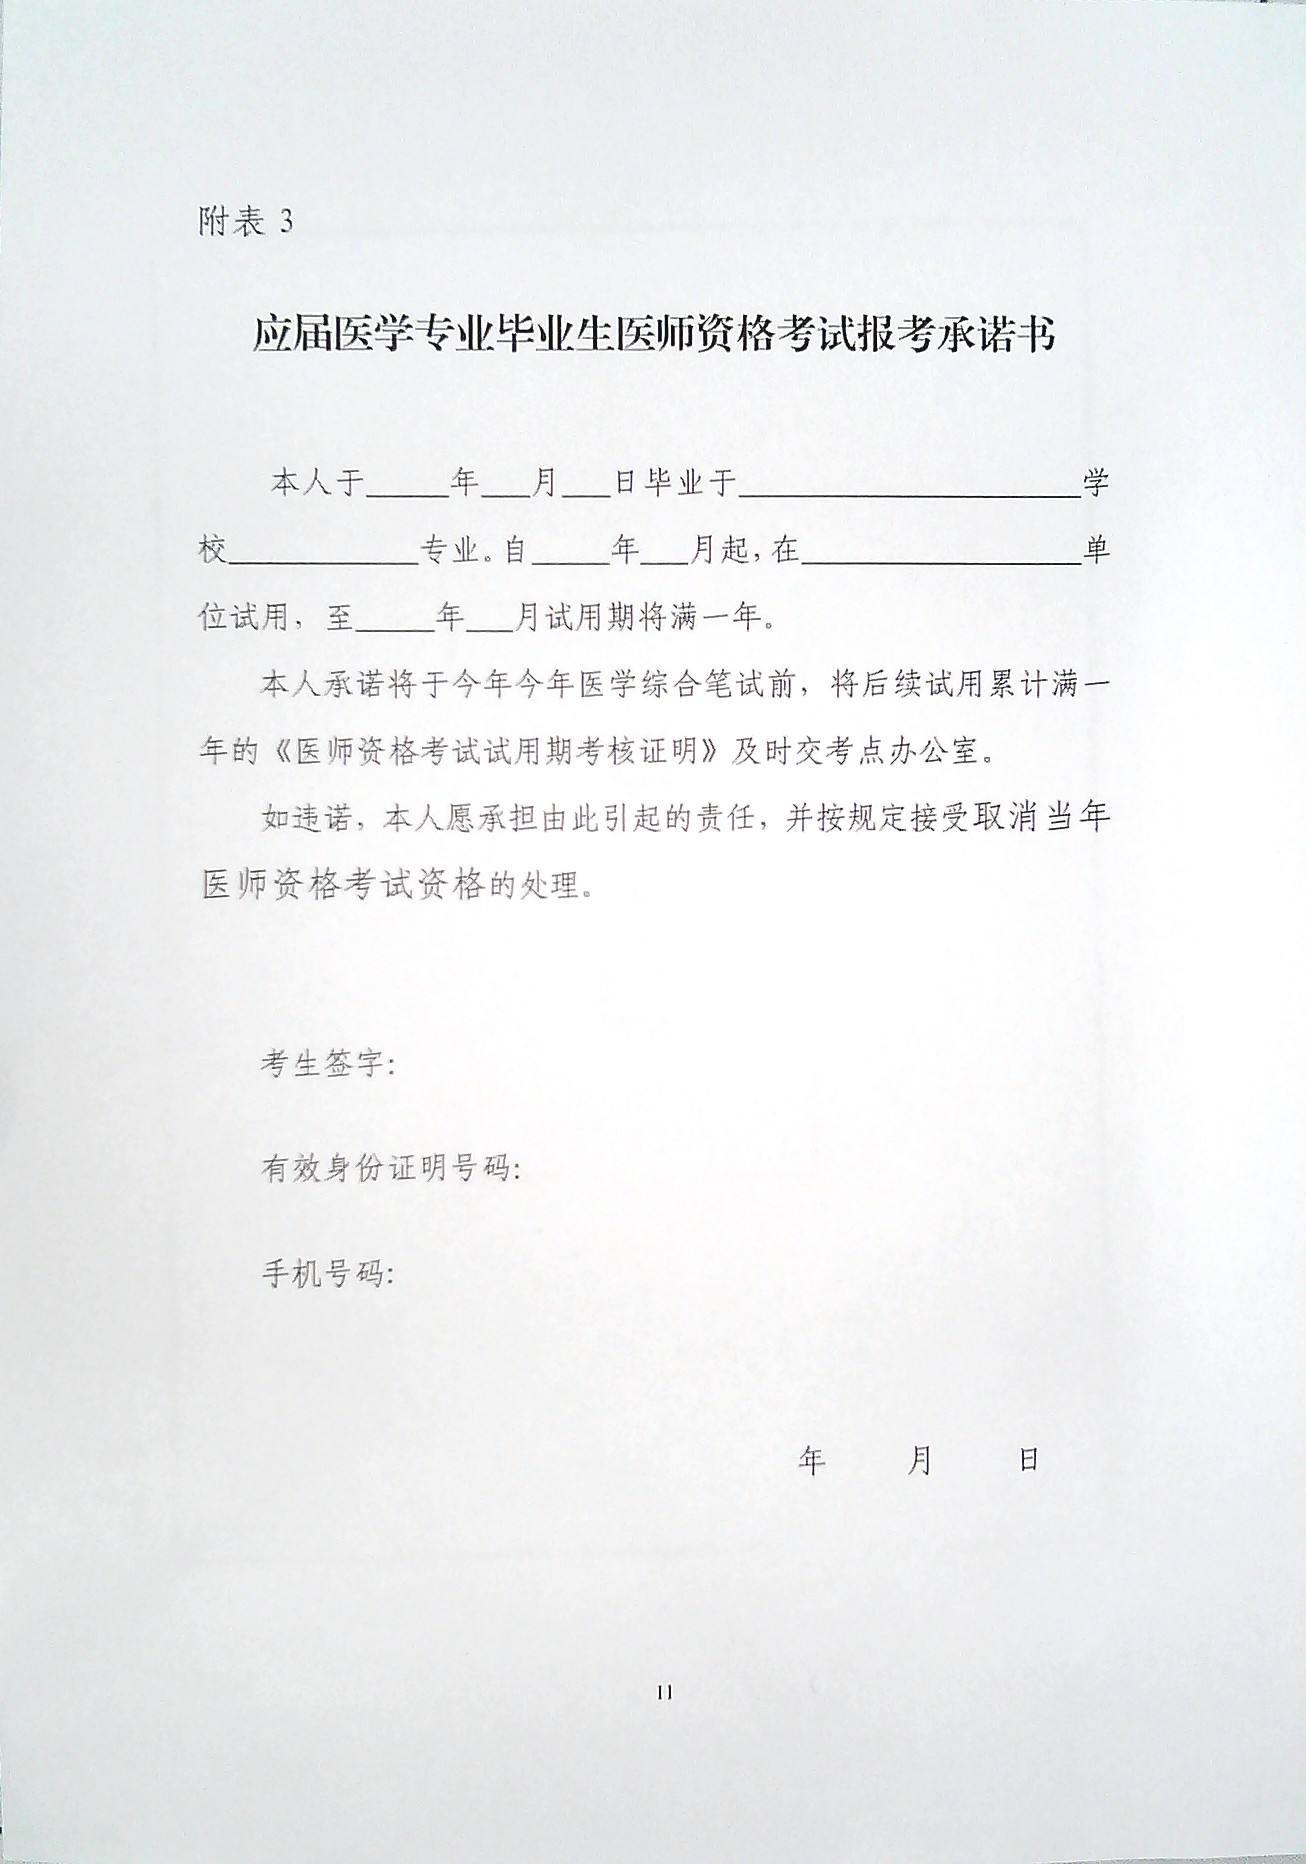 附表3:应届医学专业毕业生医师资格考试报考承诺书